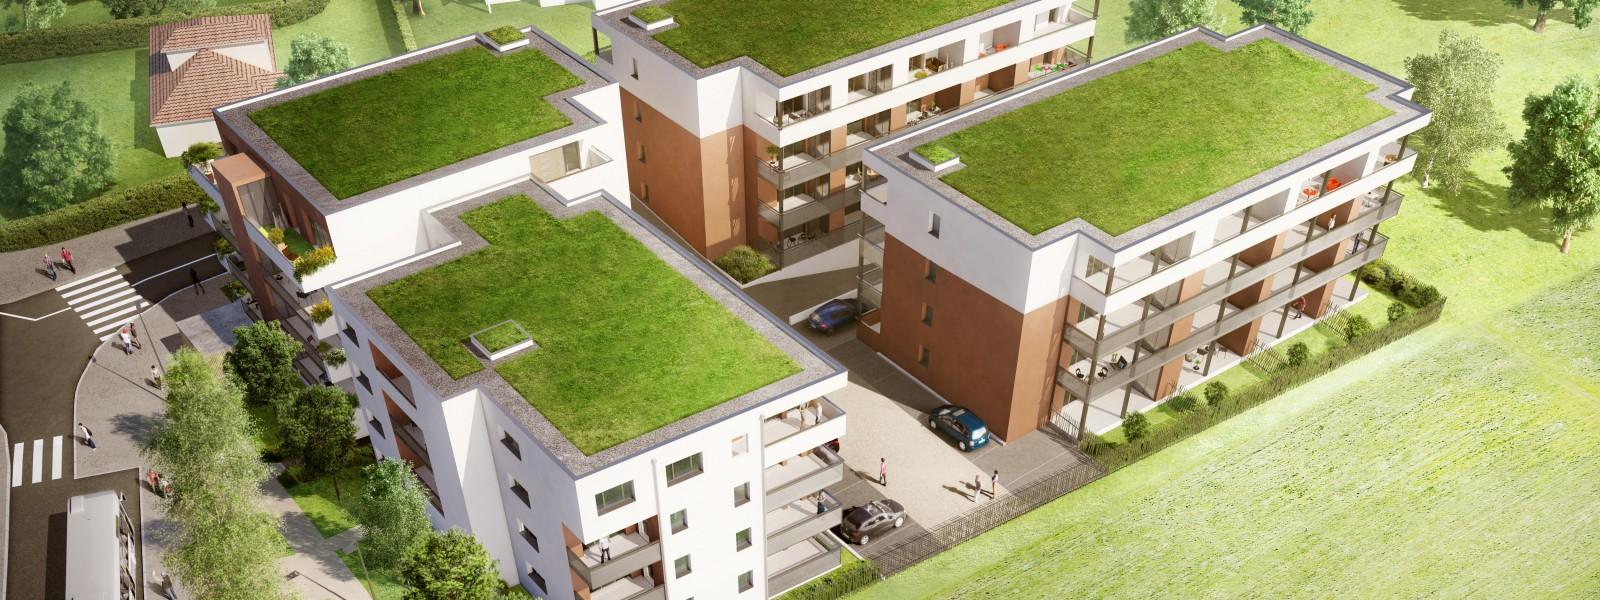 LE PERISSODE - Visuel 3 - Impact immobilier 01